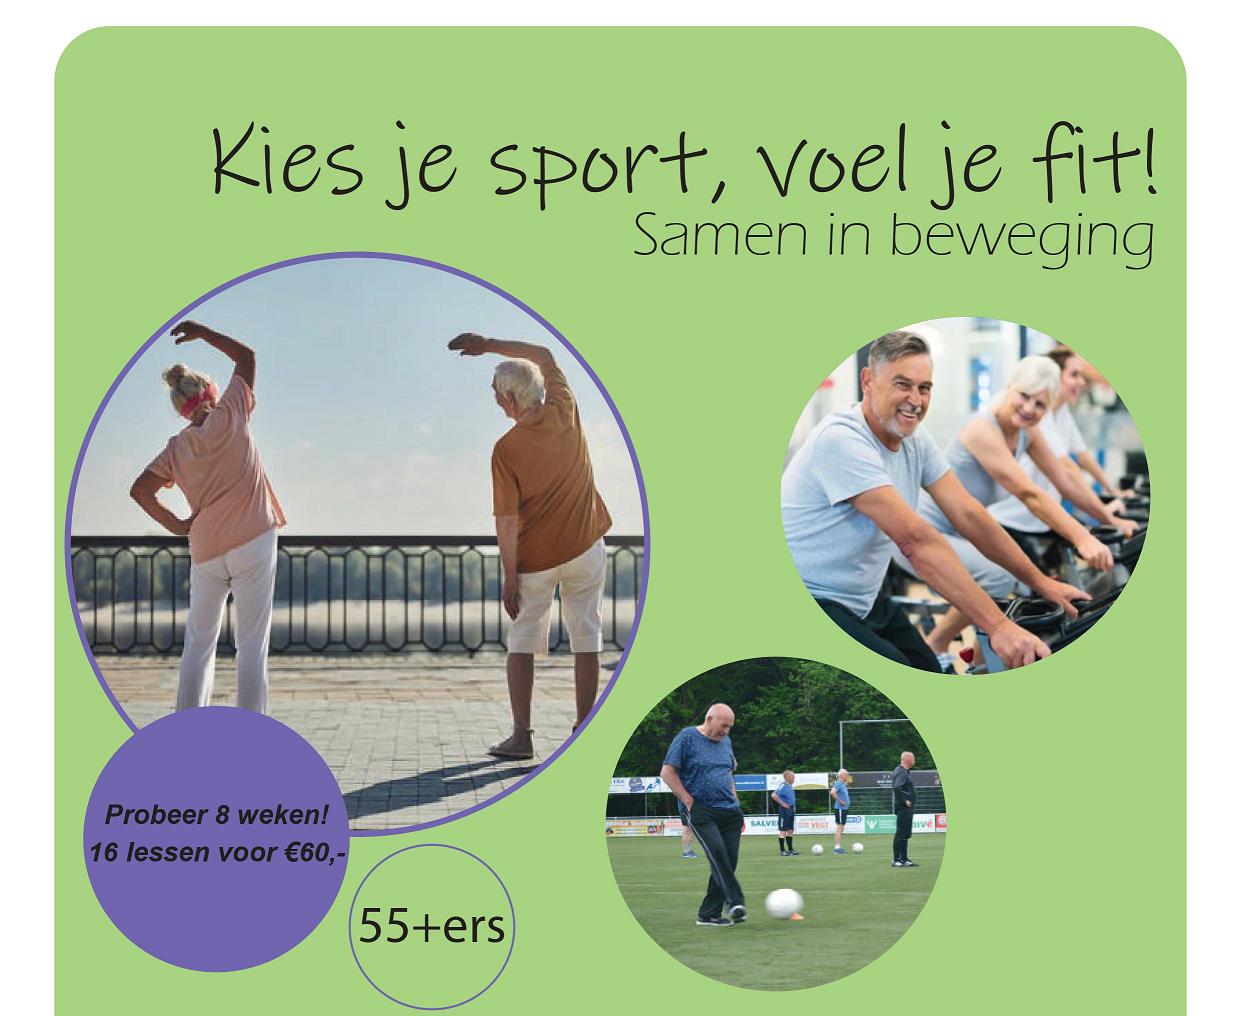 Poster Kies je sport, voel je fit!